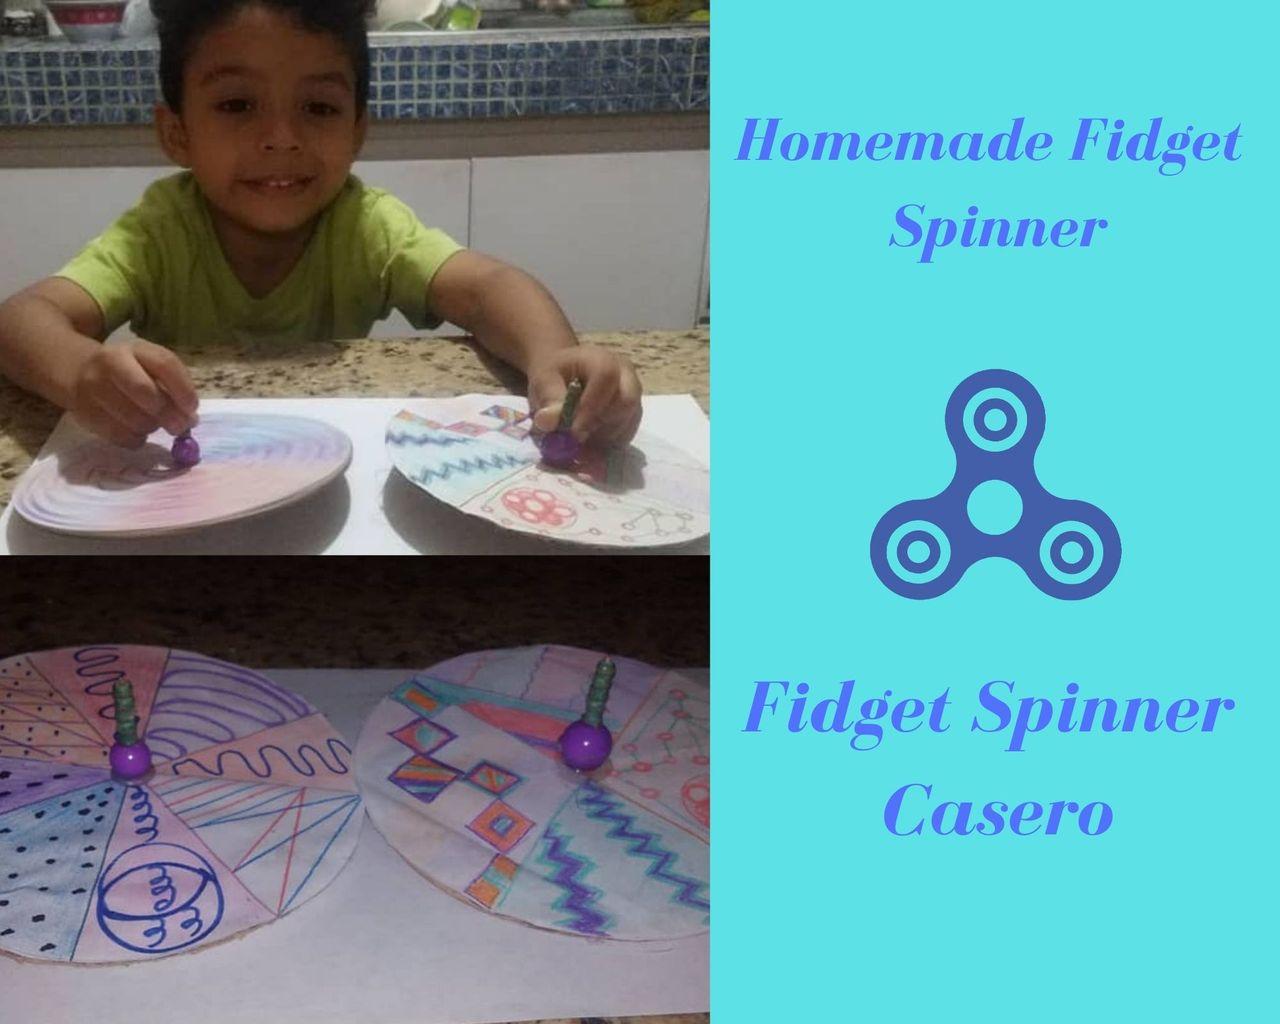 Homemade Fidget Spinner.jpg